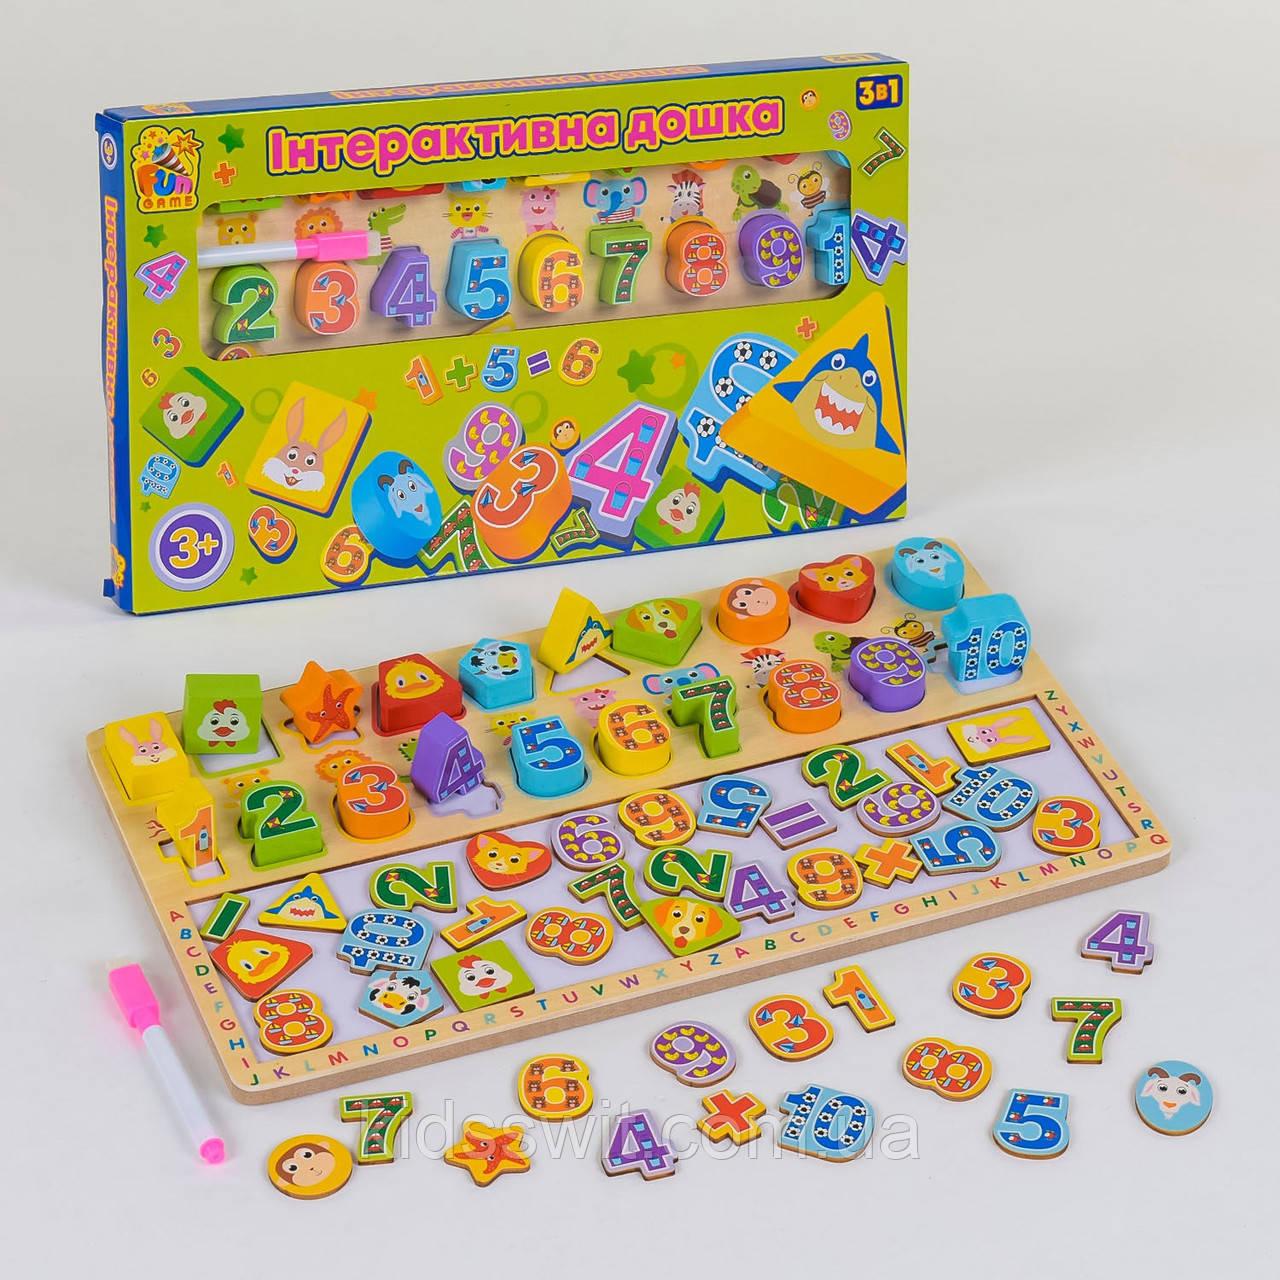 """Интерактивная досточка 3в1 от """"Fun game"""", обучающая, с маркером для рисования, в коробке, 7409"""